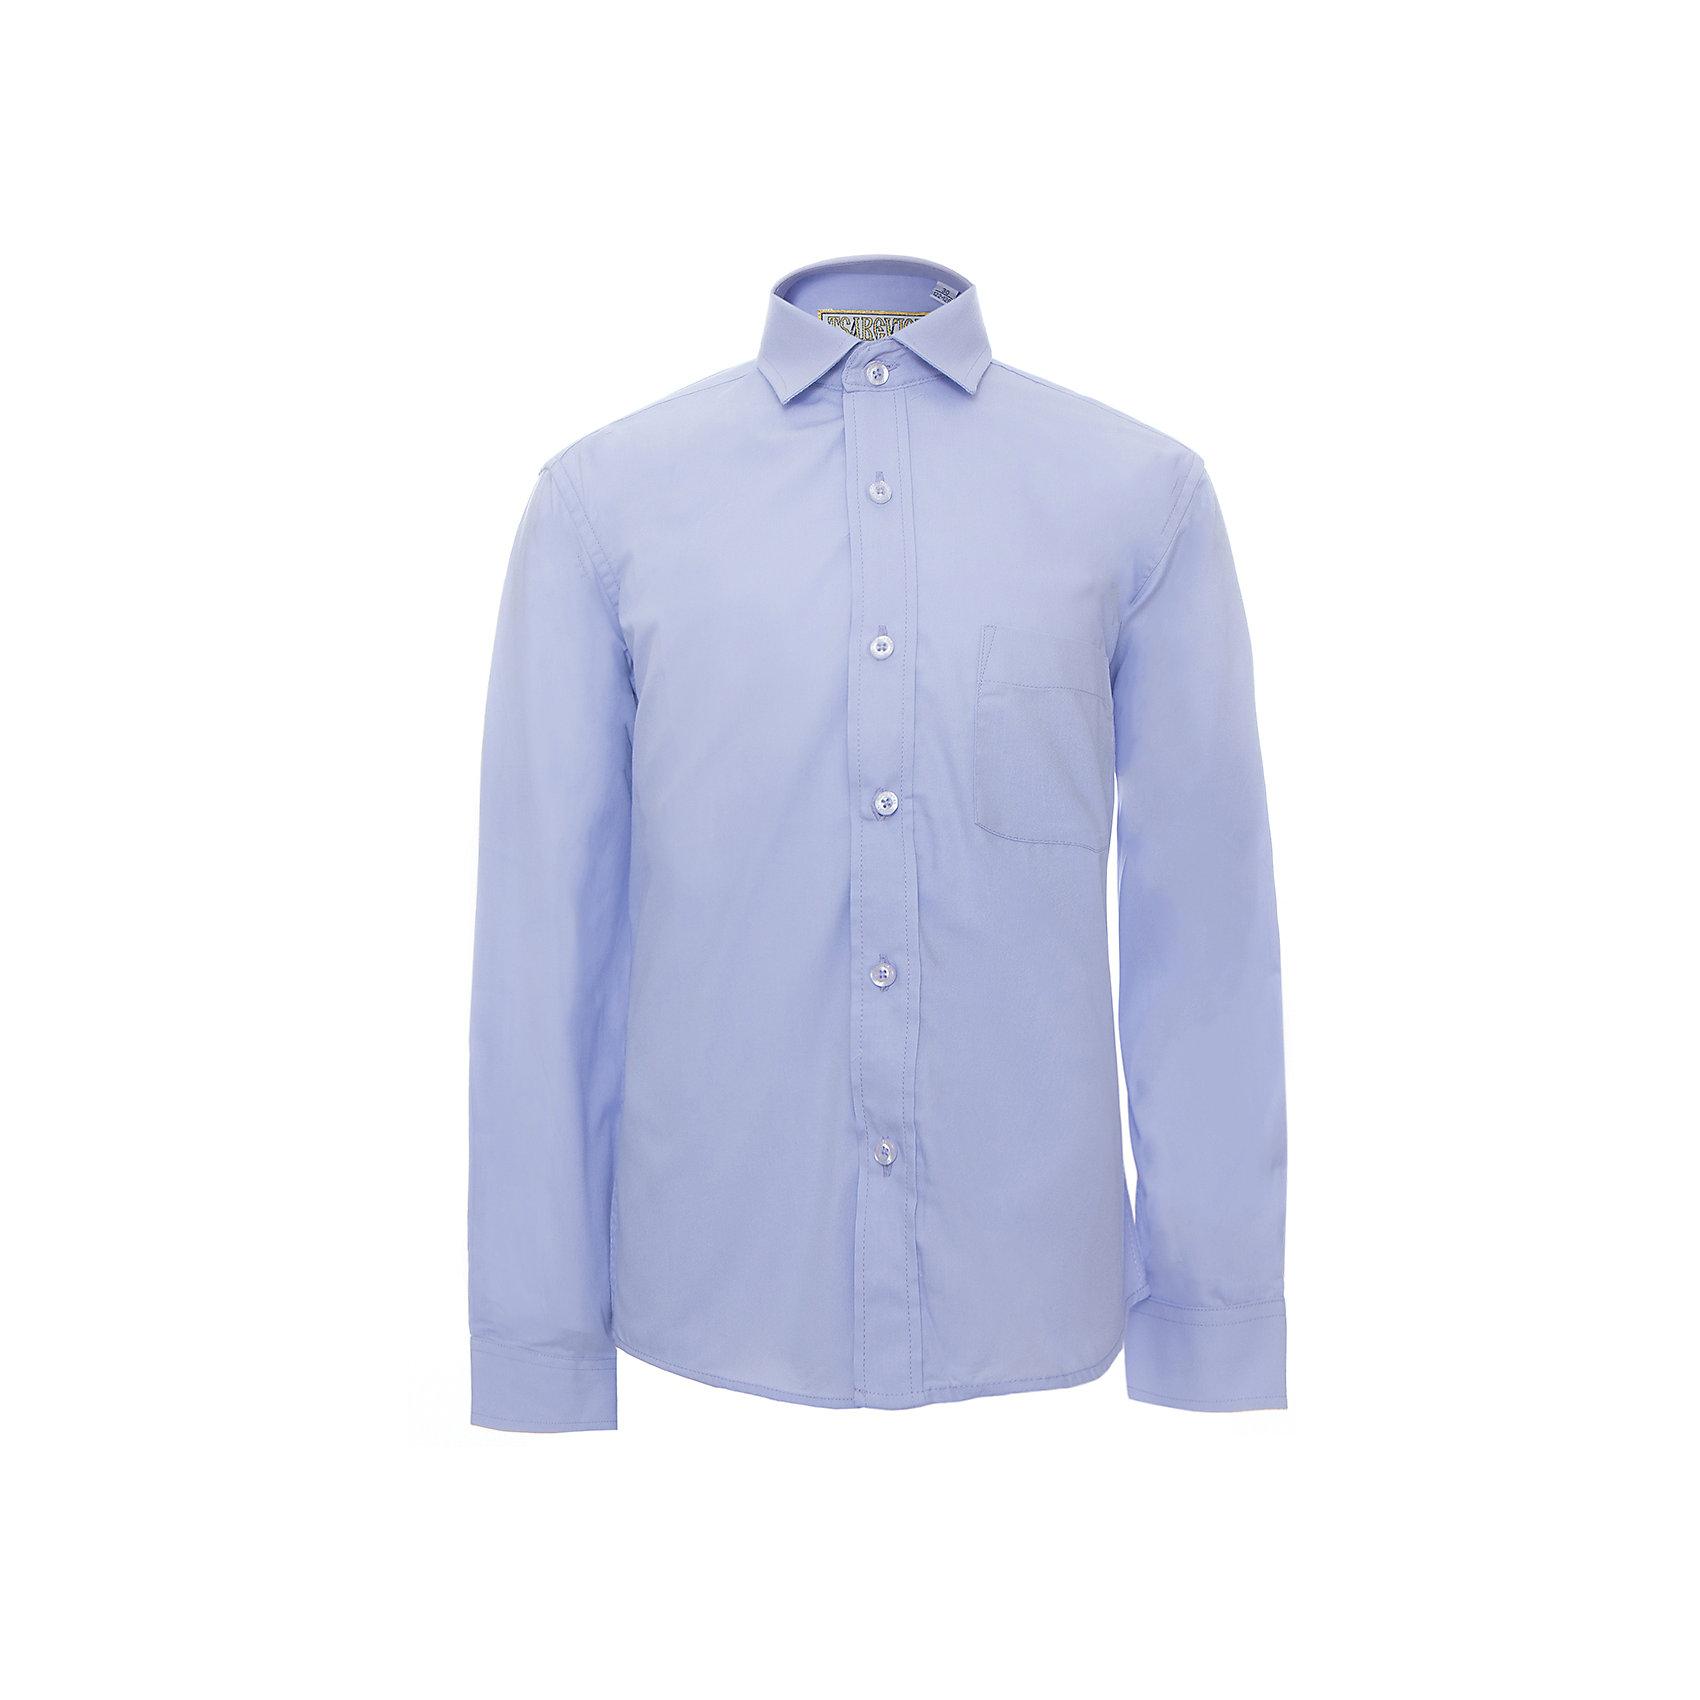 Рубашка для мальчика TsarevichКлассическая рубашка - неотьемлемая вещь в гардеробе. Модель на пуговицах, с отложным воротником. Свободный покрой не стеснит движений и позволит чувствовать себя комфортно каждый день.  Состав 80 % хл. 20% П/Э<br><br>Ширина мм: 174<br>Глубина мм: 10<br>Высота мм: 169<br>Вес г: 157<br>Цвет: фиолетовый<br>Возраст от месяцев: 168<br>Возраст до месяцев: 180<br>Пол: Мужской<br>Возраст: Детский<br>Размер: 164/170,122/128,128/134,134/140,140/146,146/152,146/152,152/158,152/158,158/164<br>SKU: 4749348